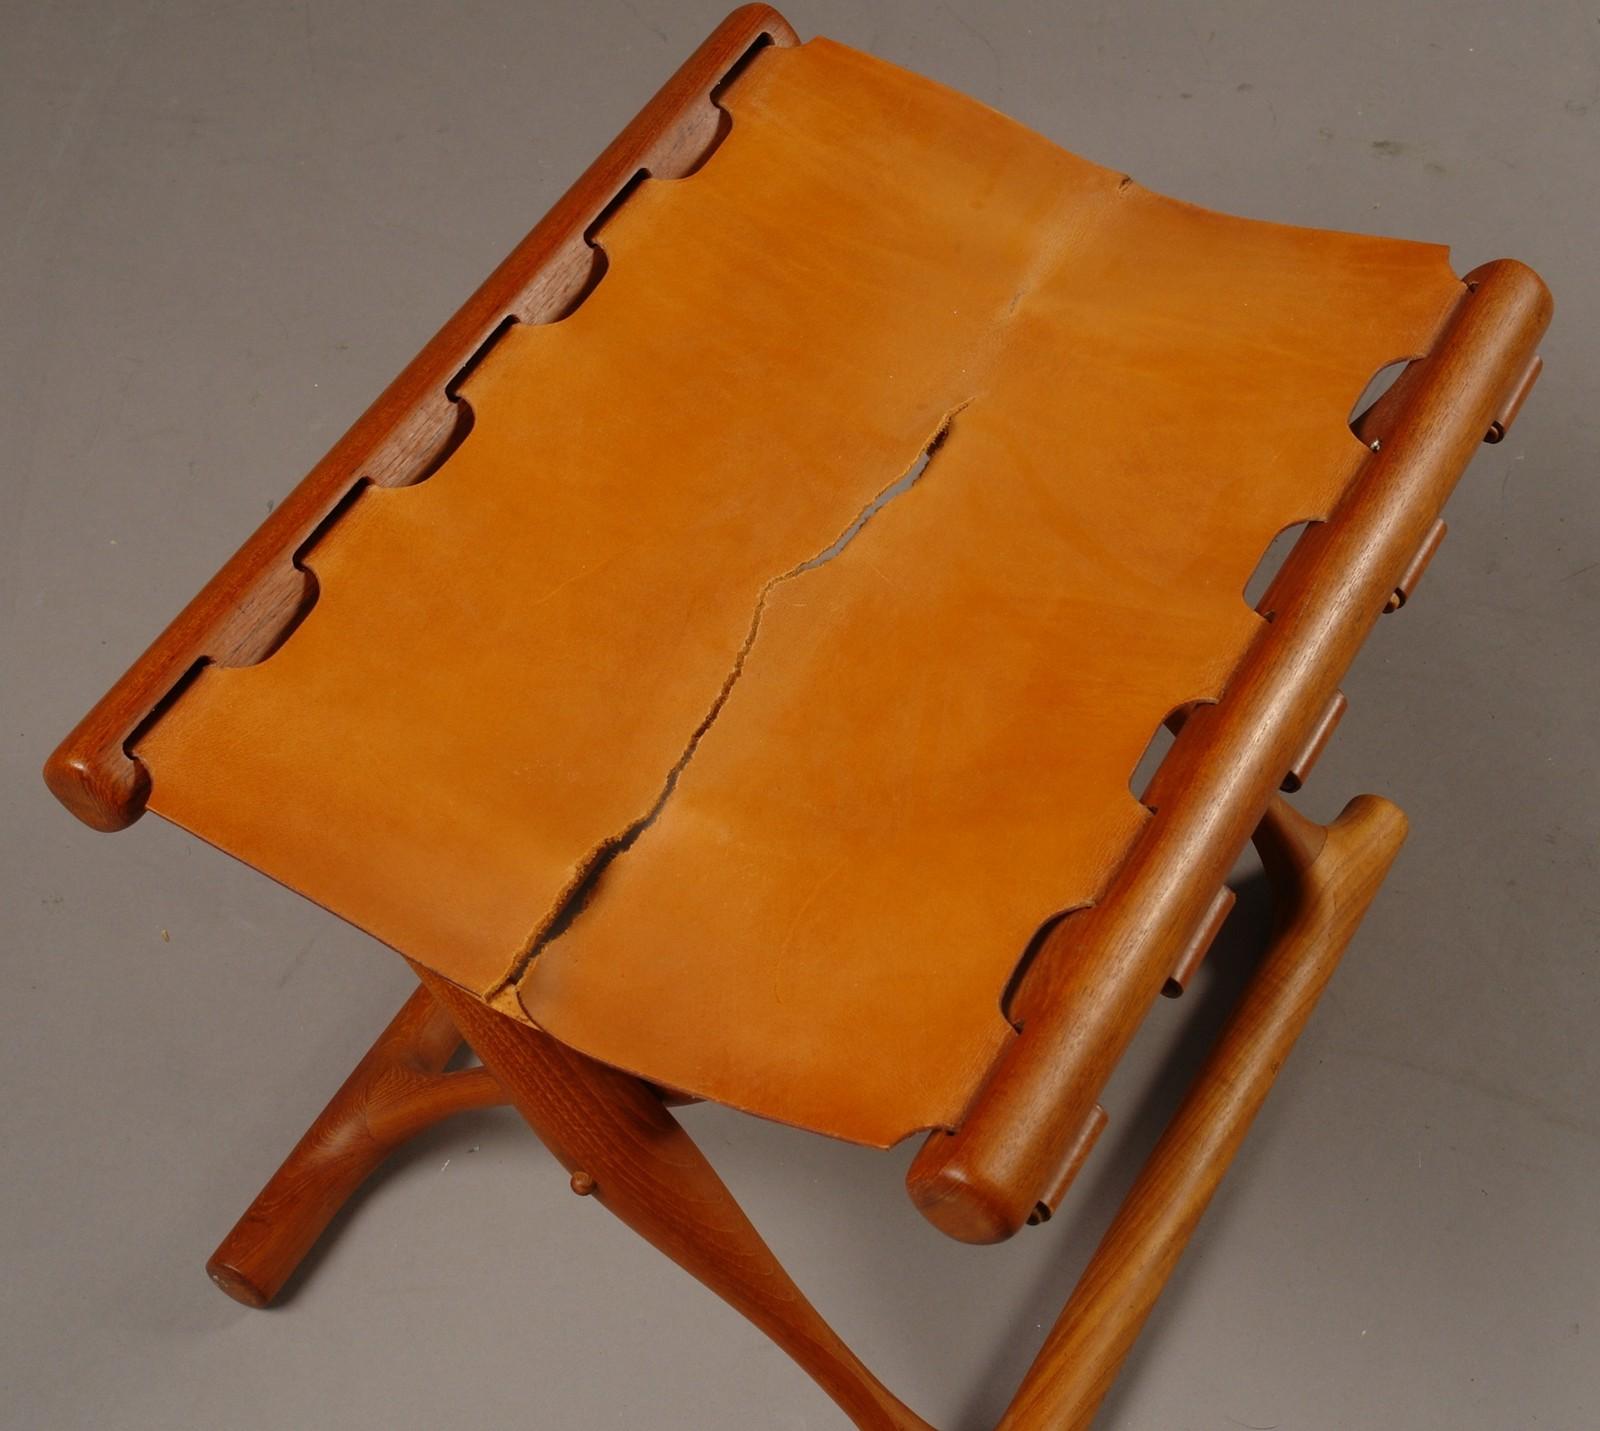 Poul Hundevad. Guldhøj stol, model PH 41 |